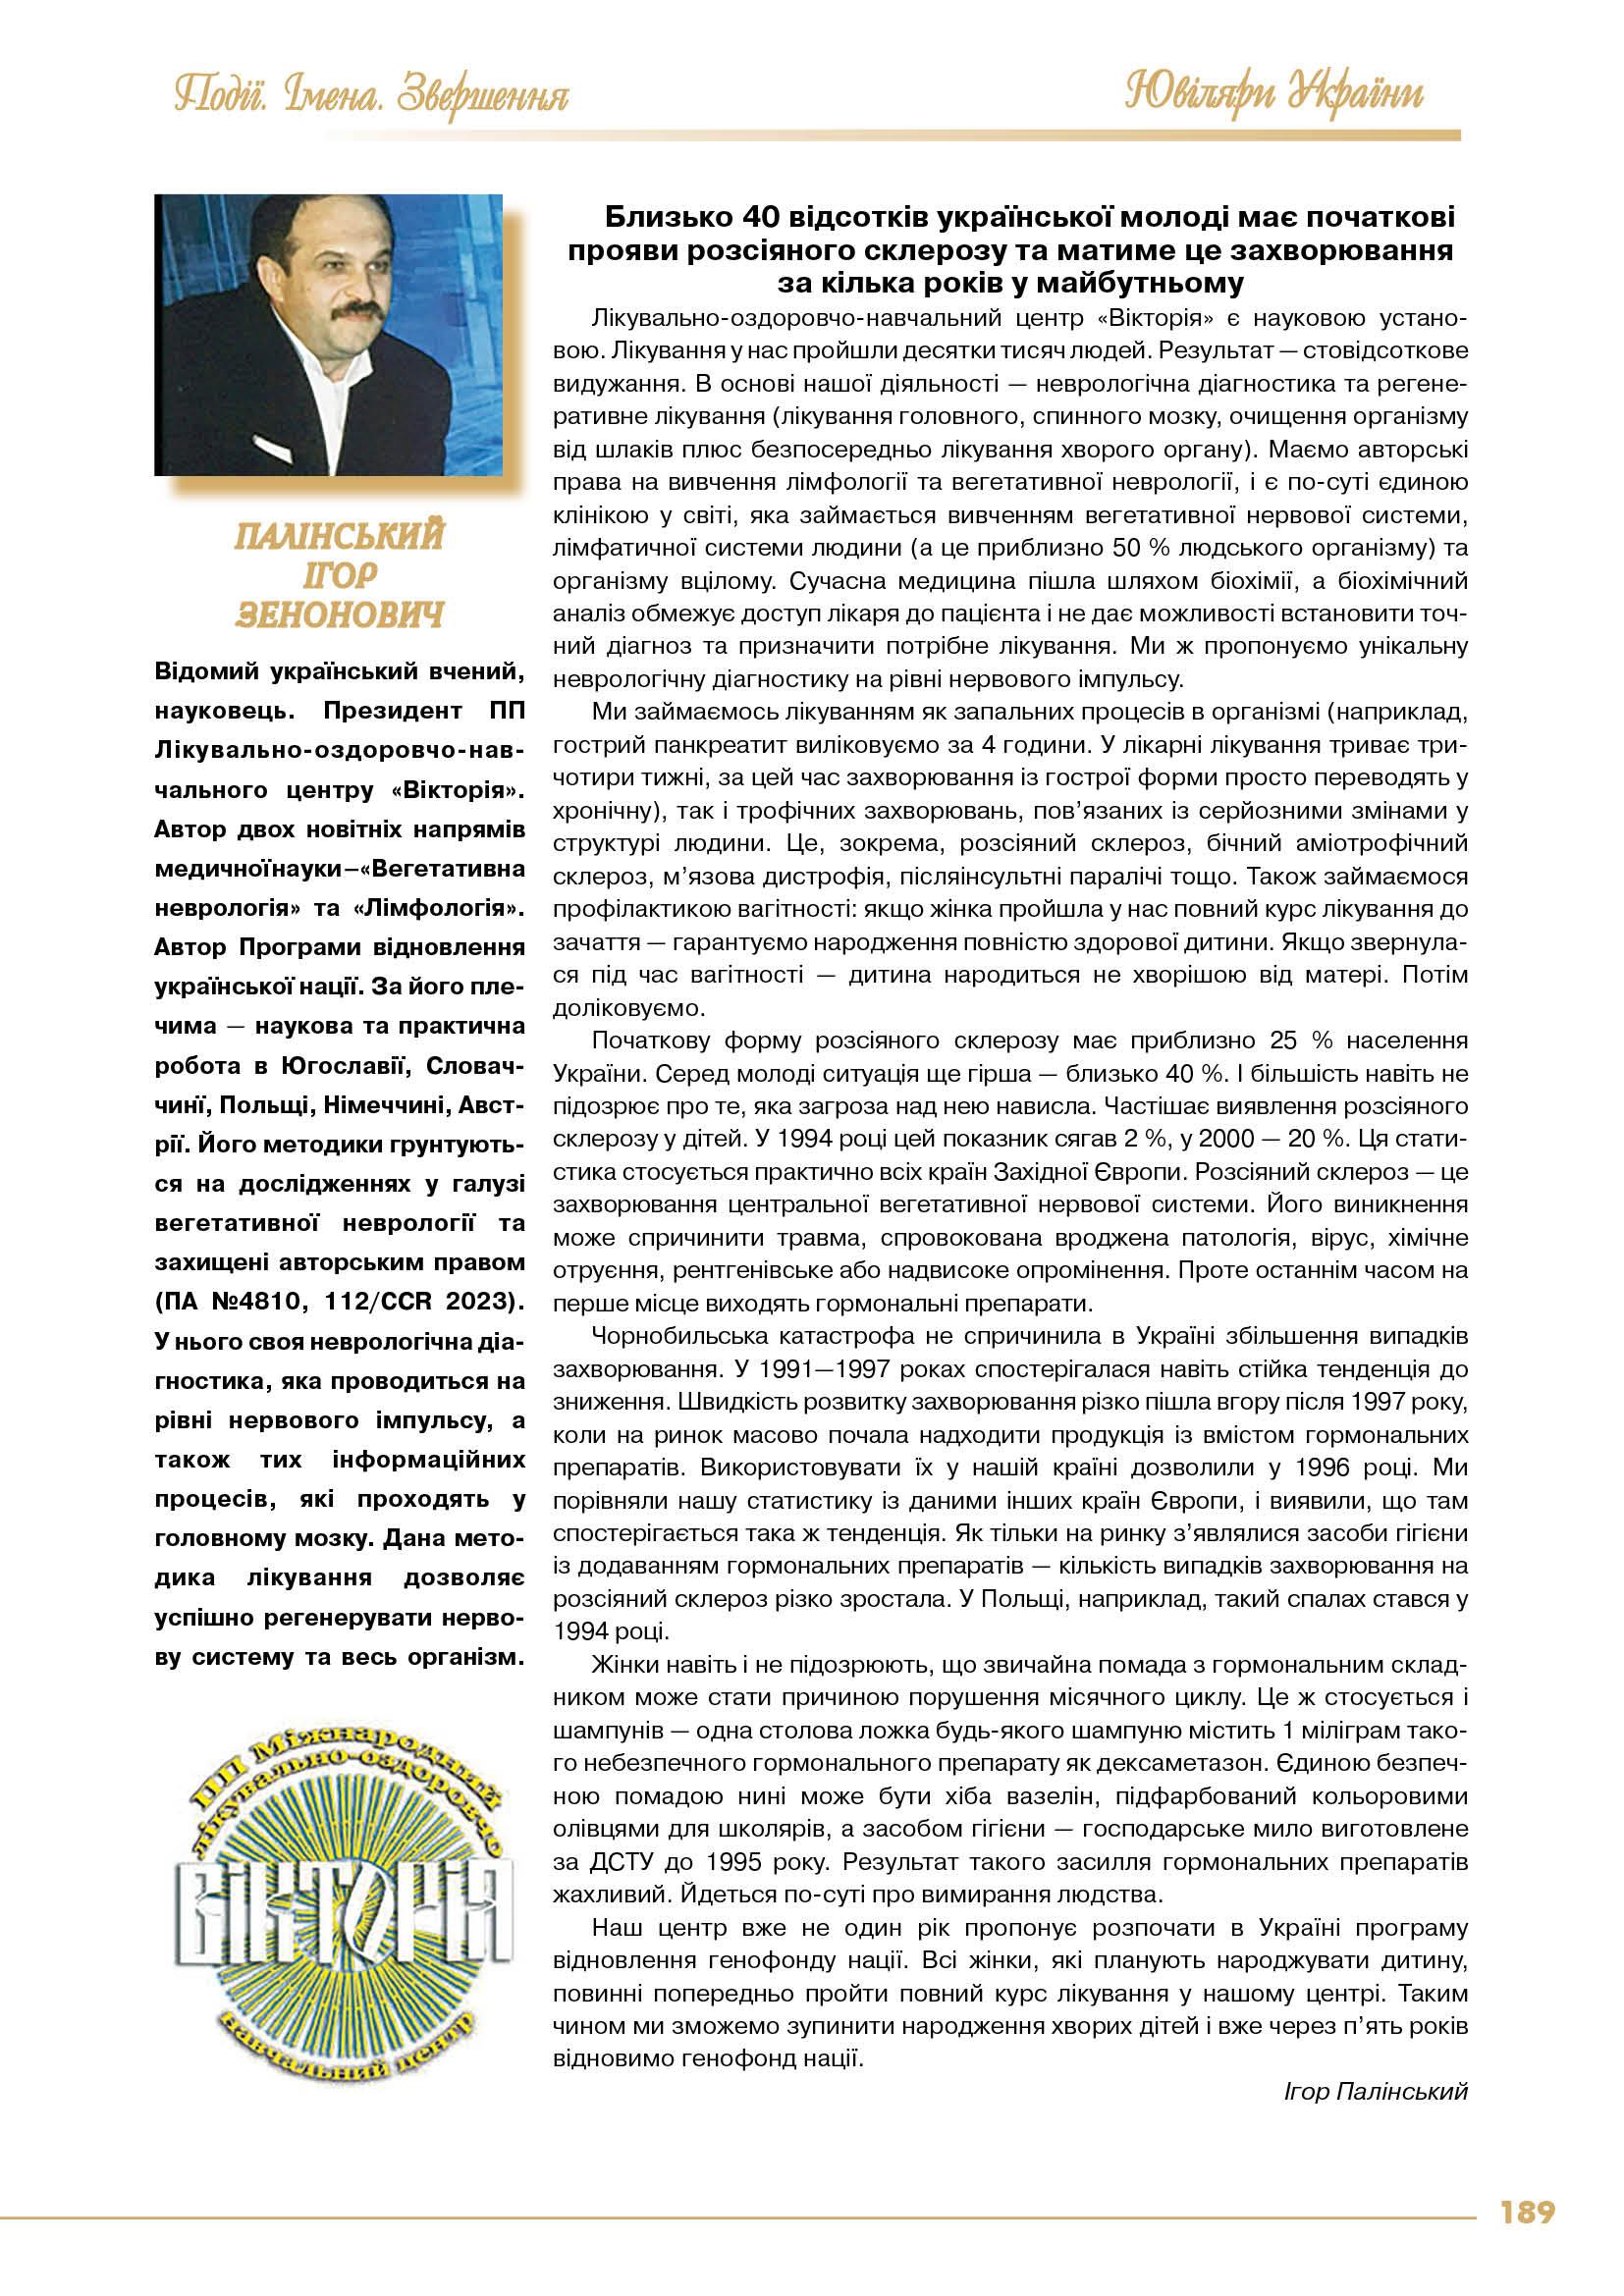 Палінський Ігор Зенонович